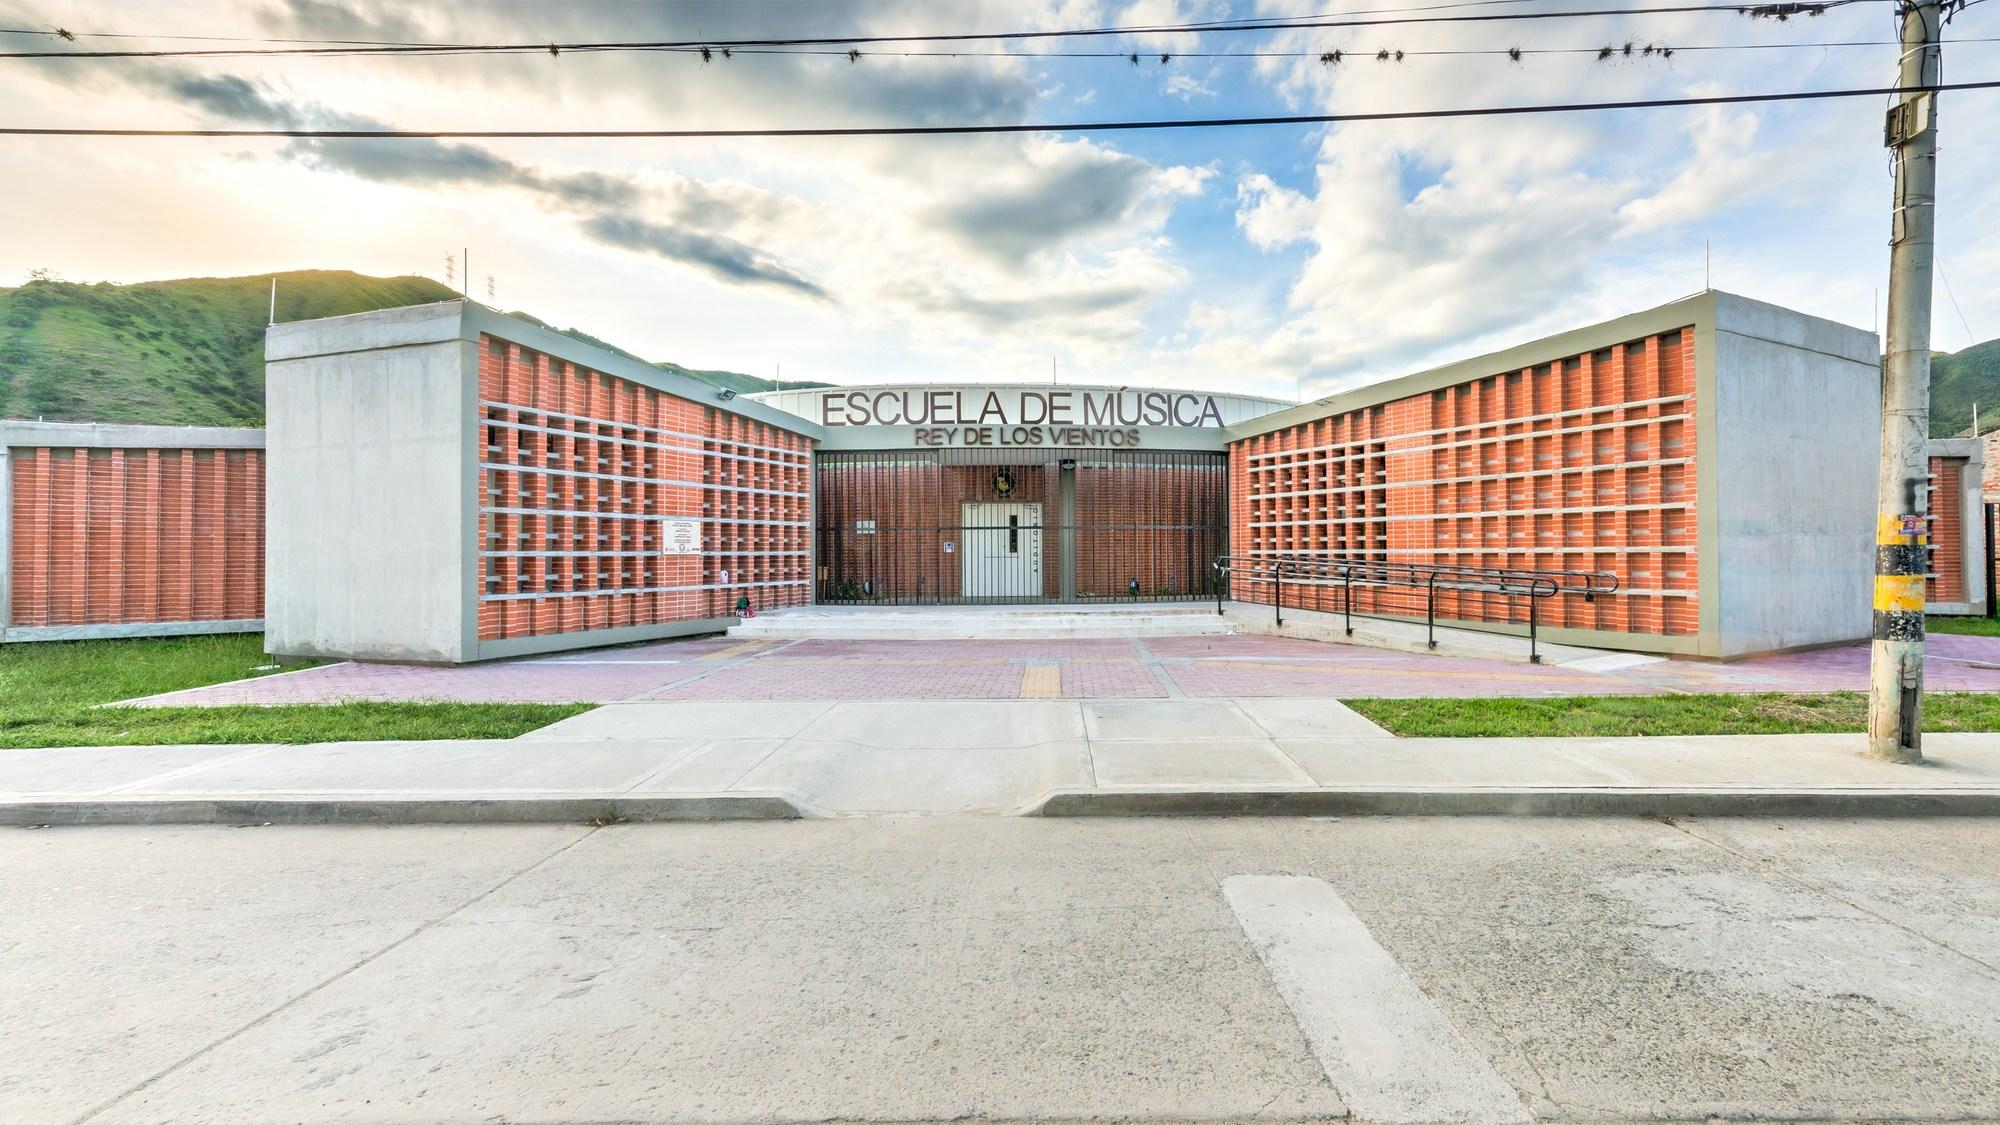 Escuela de musica yotoco espacio colectivo arquitectos - Escuela de arquitectura de valladolid ...